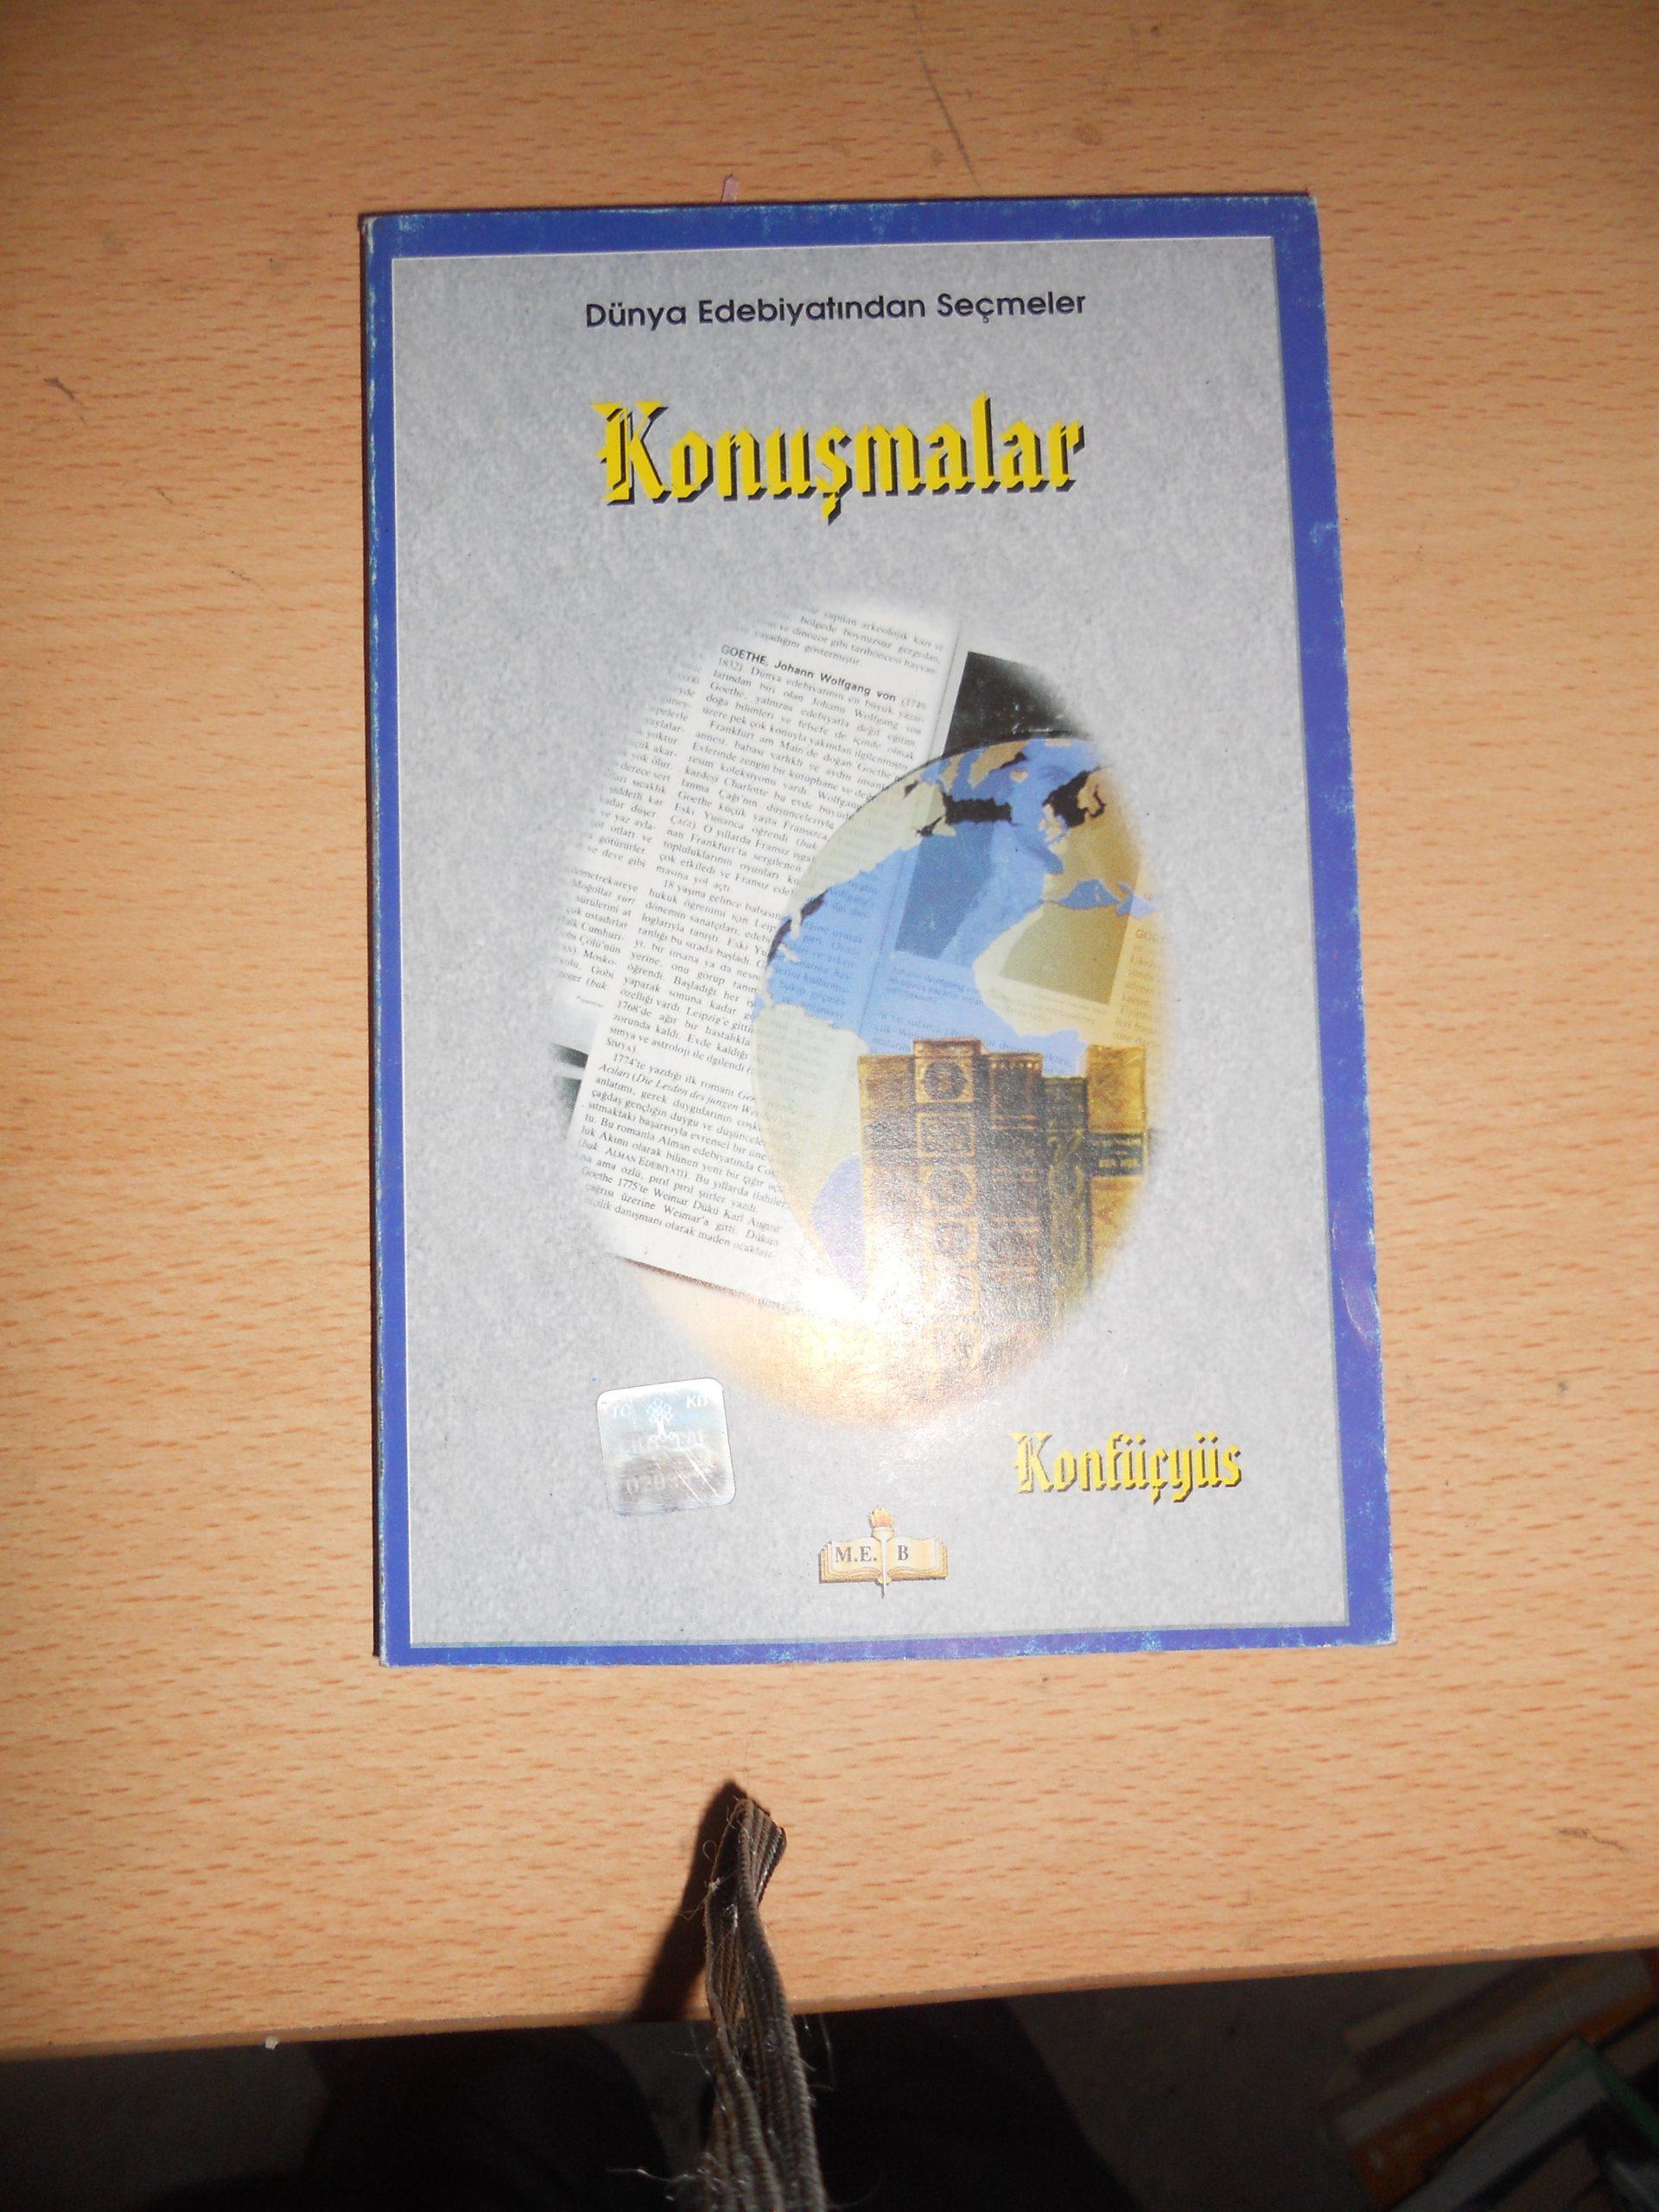 KONUŞMALAR/Konfüçyüs/ 10 TL